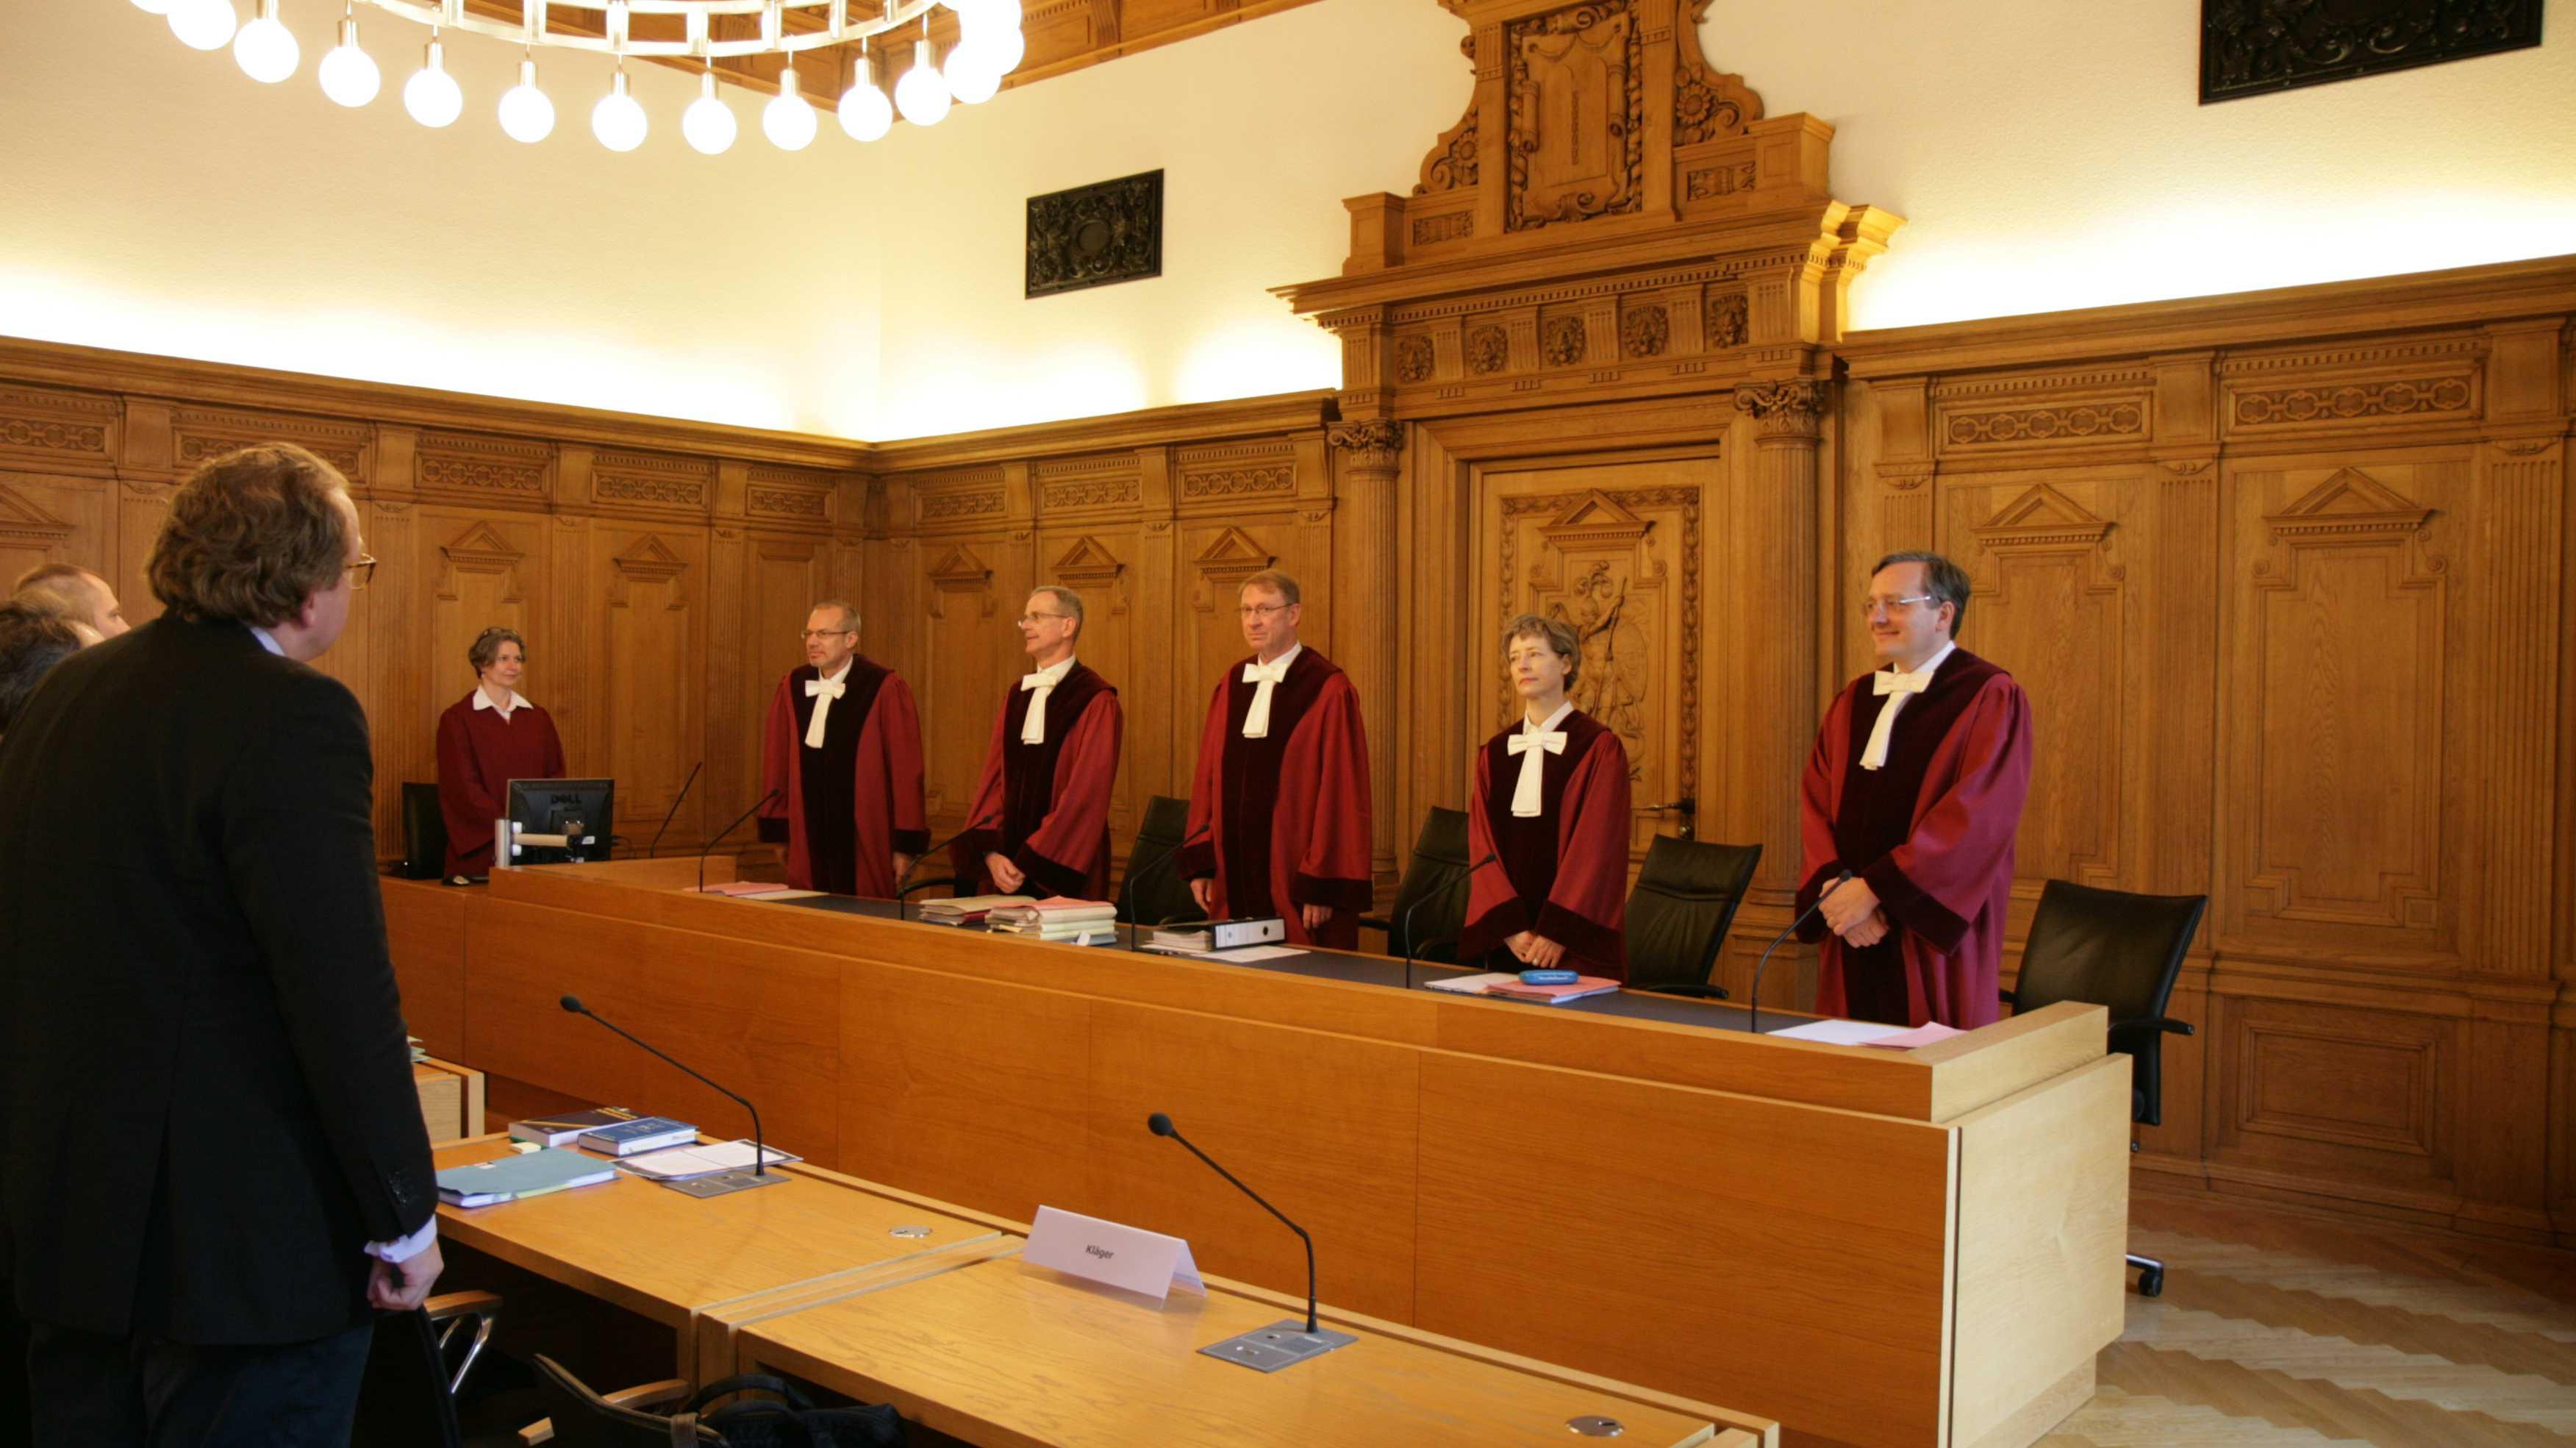 Informationsfreiheitsgesetz: Kein Zugang zu Geheimdienstakten im Bundeskanzleramt